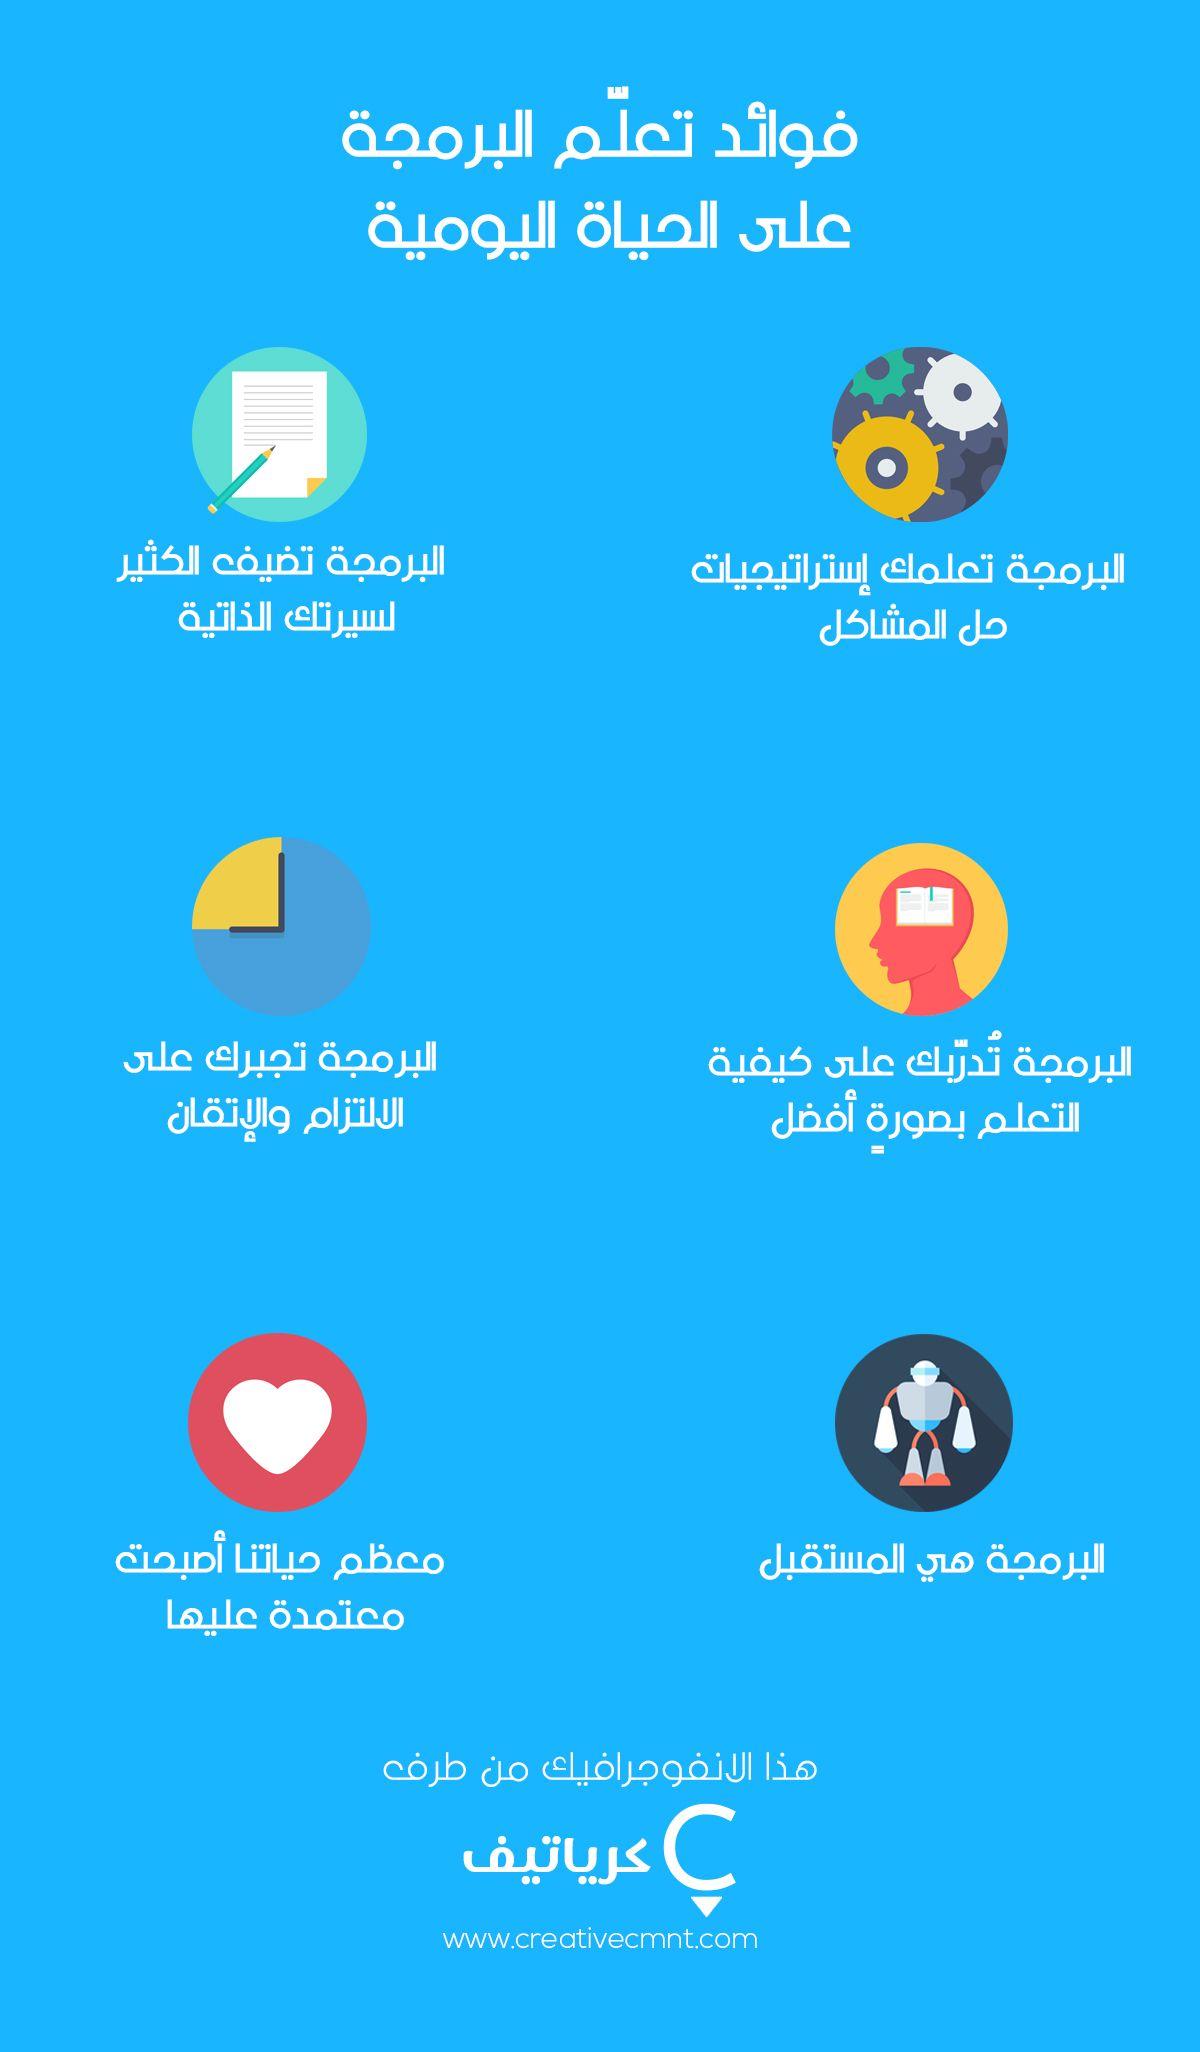 انفوجرافيك بسيط يوضح بعض فوائد تعلم البرمجة على حياتنا اليومية Infographic Incoming Call Screenshot Incoming Call